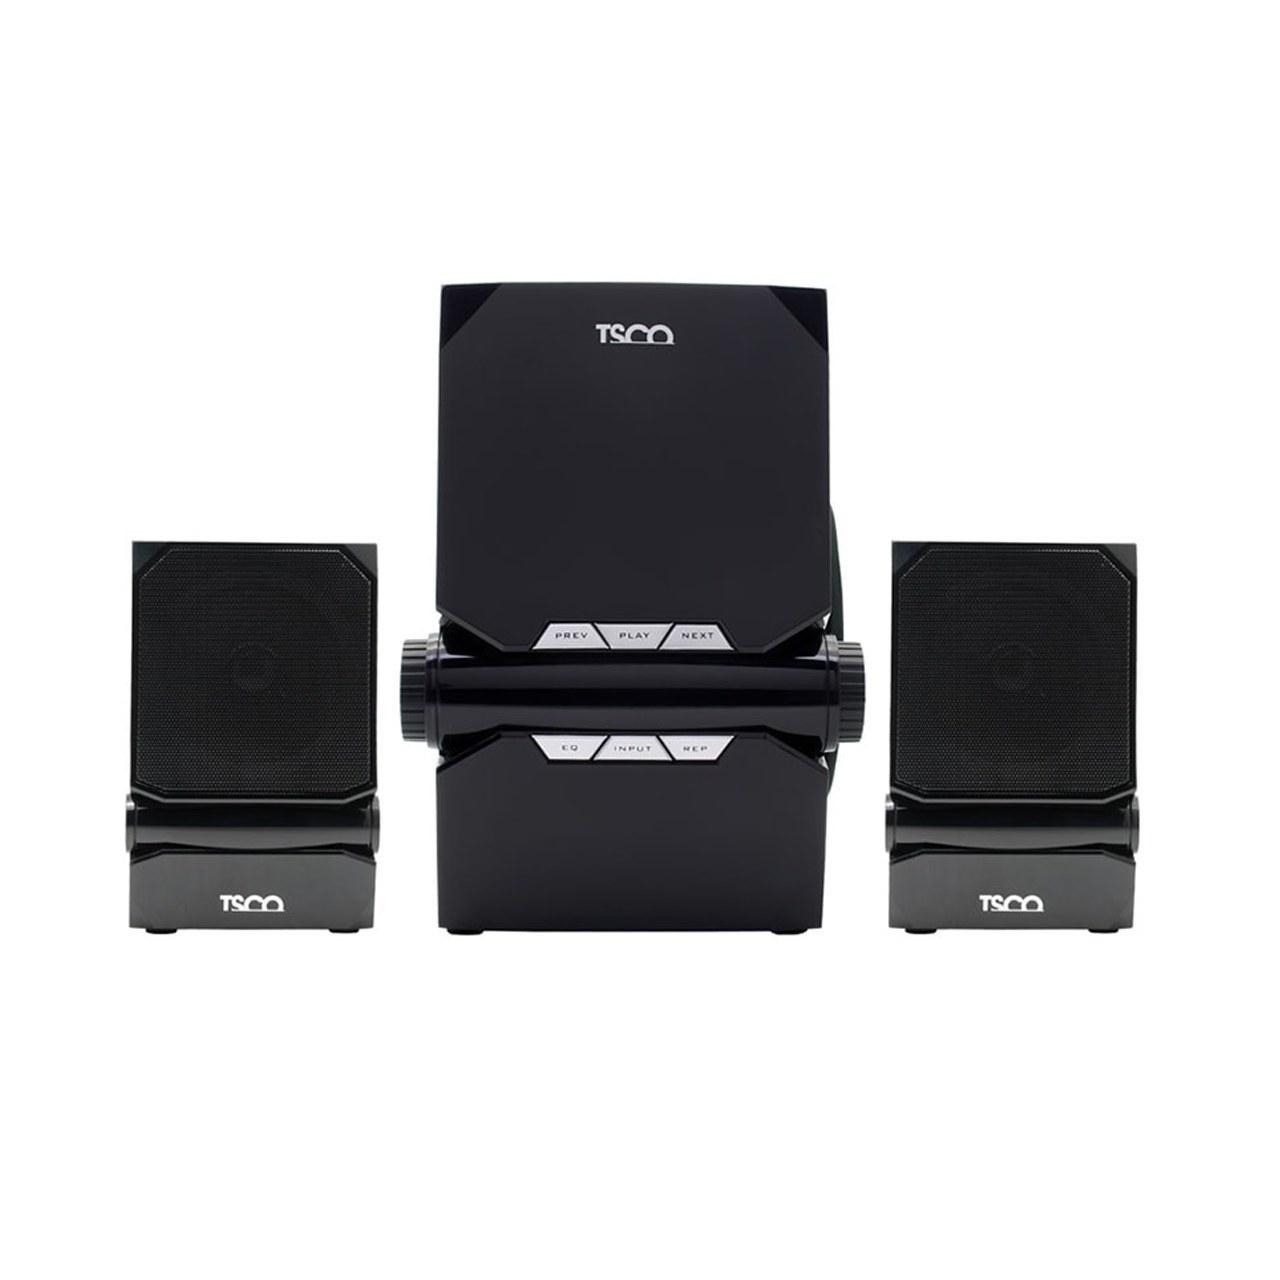 تصویر اسپیکر بلوتوثی رم و فلش خور TSCO TS 2195 + ریموت کنترل ا TSCO TS 2195 multi media speaker TSCO TS 2195 multi media speaker